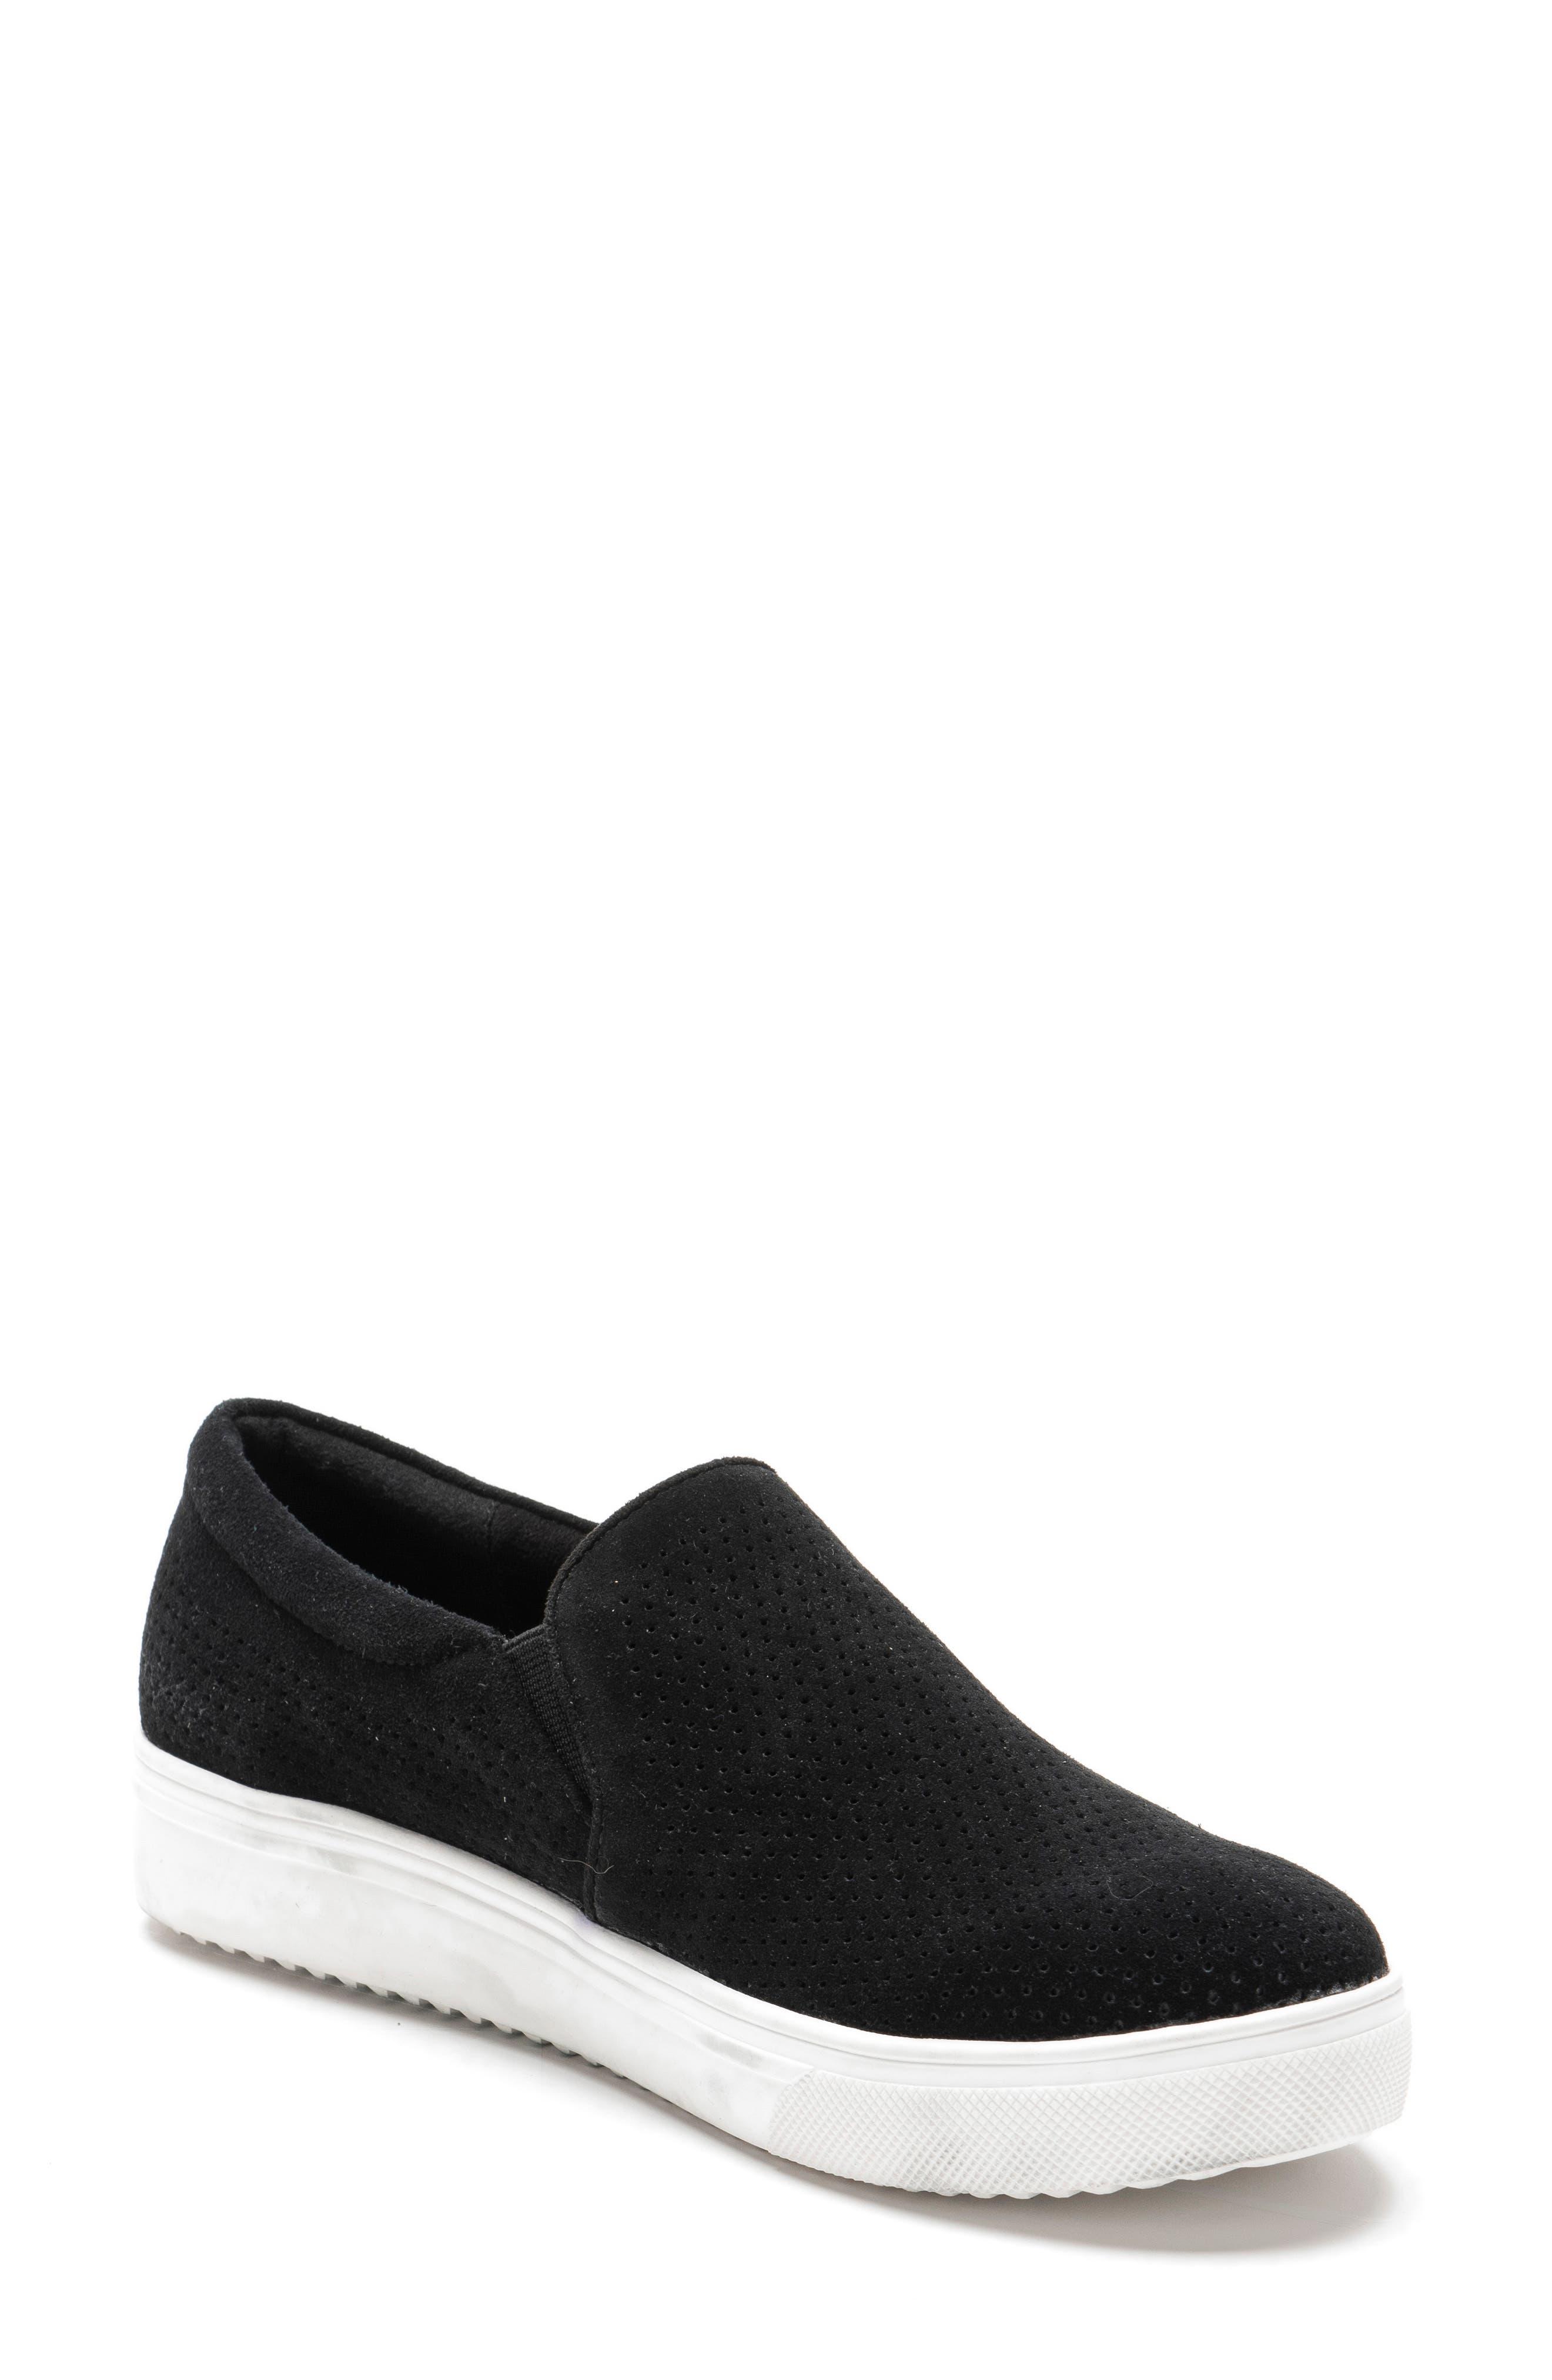 Gallert Perforated Waterproof Platform Sneaker,                             Main thumbnail 1, color,                             BLACK SUEDE